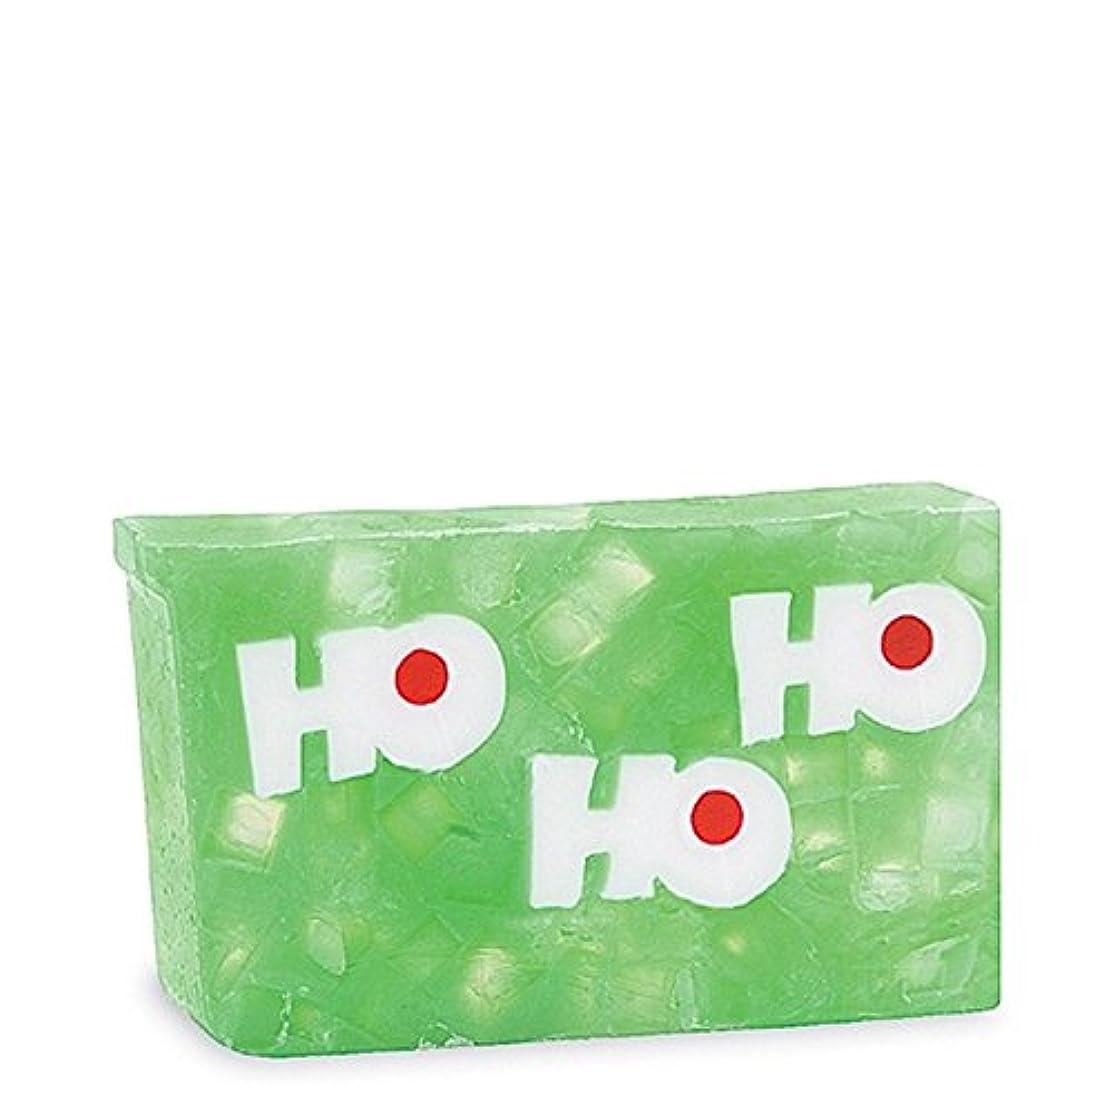 感染する非行団結する原初の要素ホーホーホ石鹸 x2 - Primal Elements Ho Ho Ho Soap (Pack of 2) [並行輸入品]